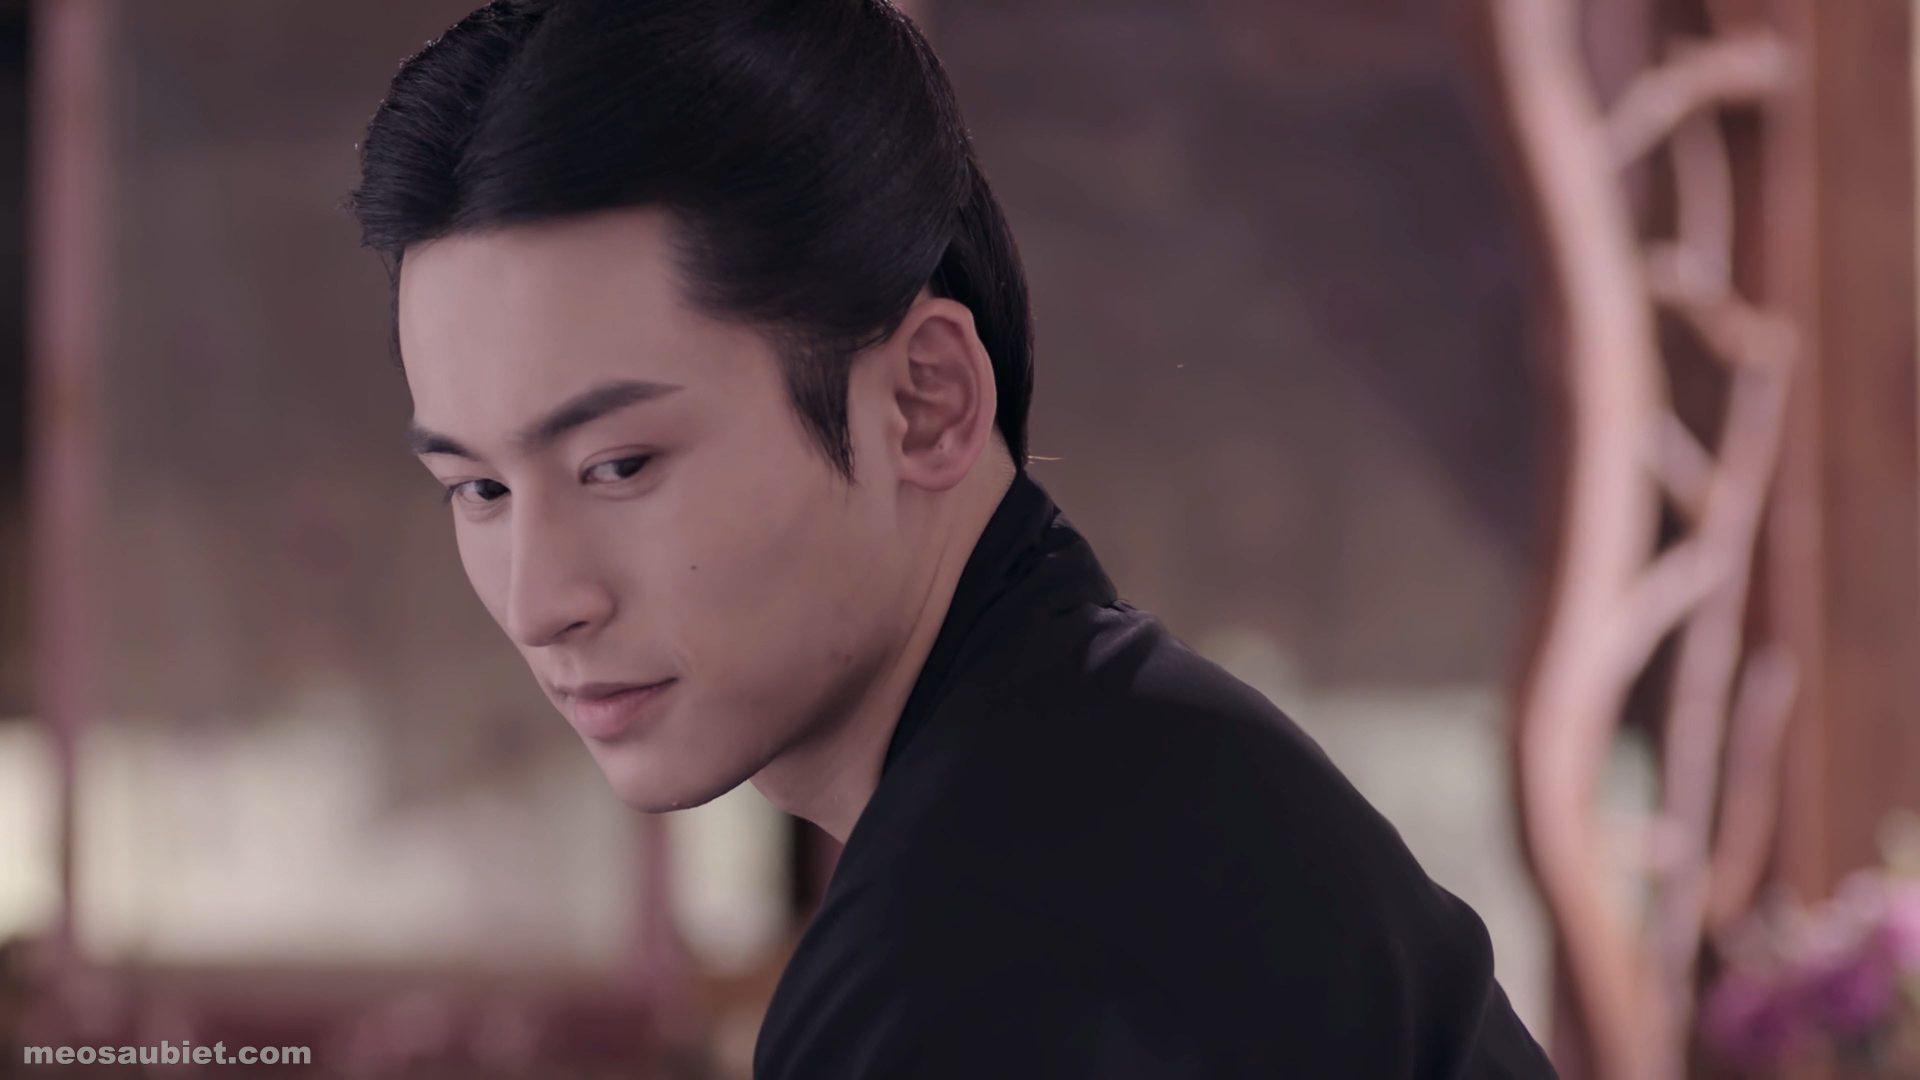 Vân Tịch truyện 2018 Trương Triết Hãn trong vai Long Phi Dạ